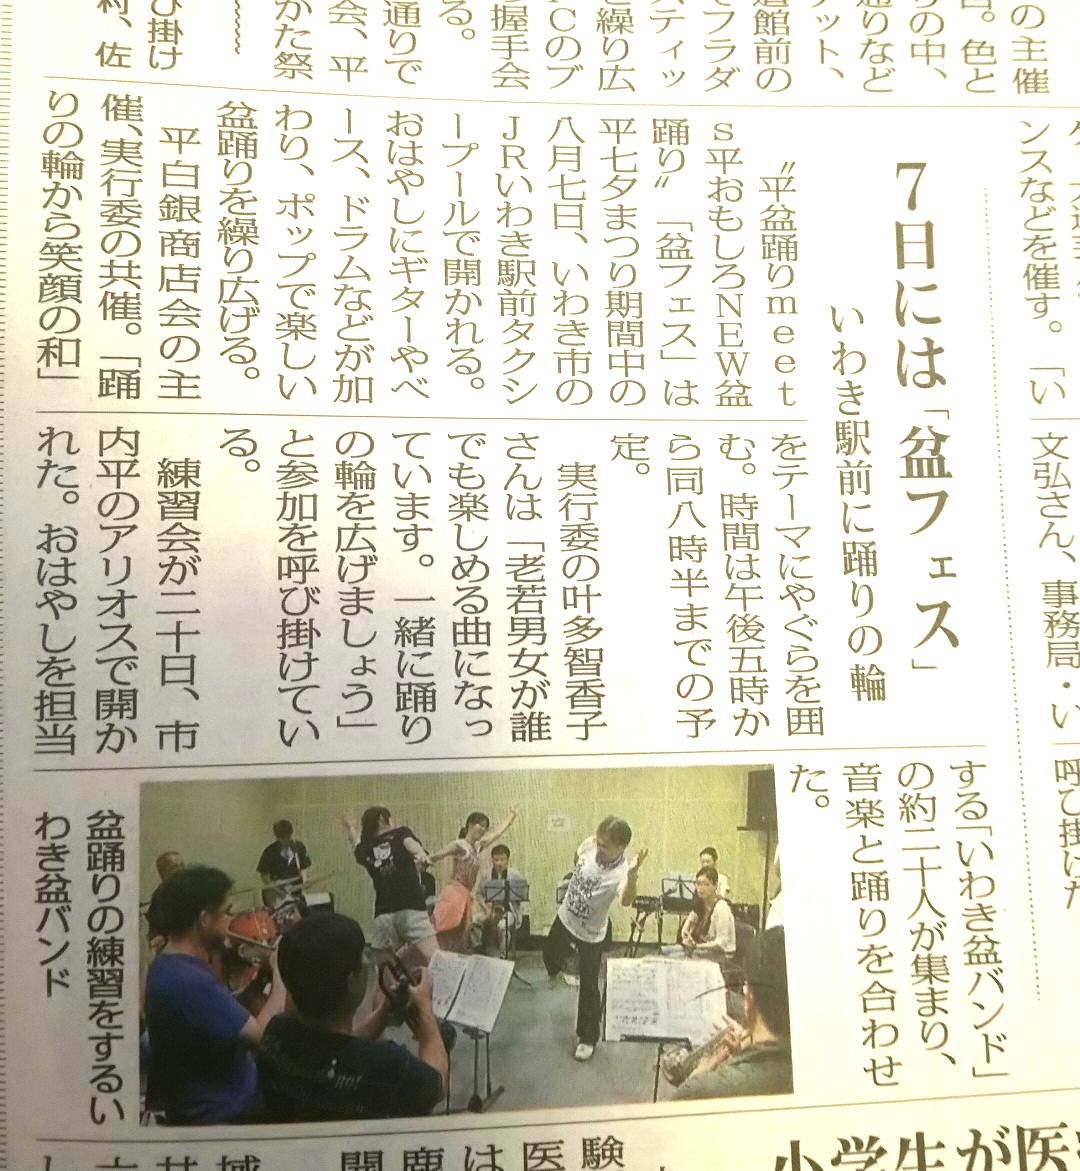 【盆フェス!】7/29付の福島民報さんご紹介記事を掲載いただきました!! クラウドファンドもまだまだ募集中!